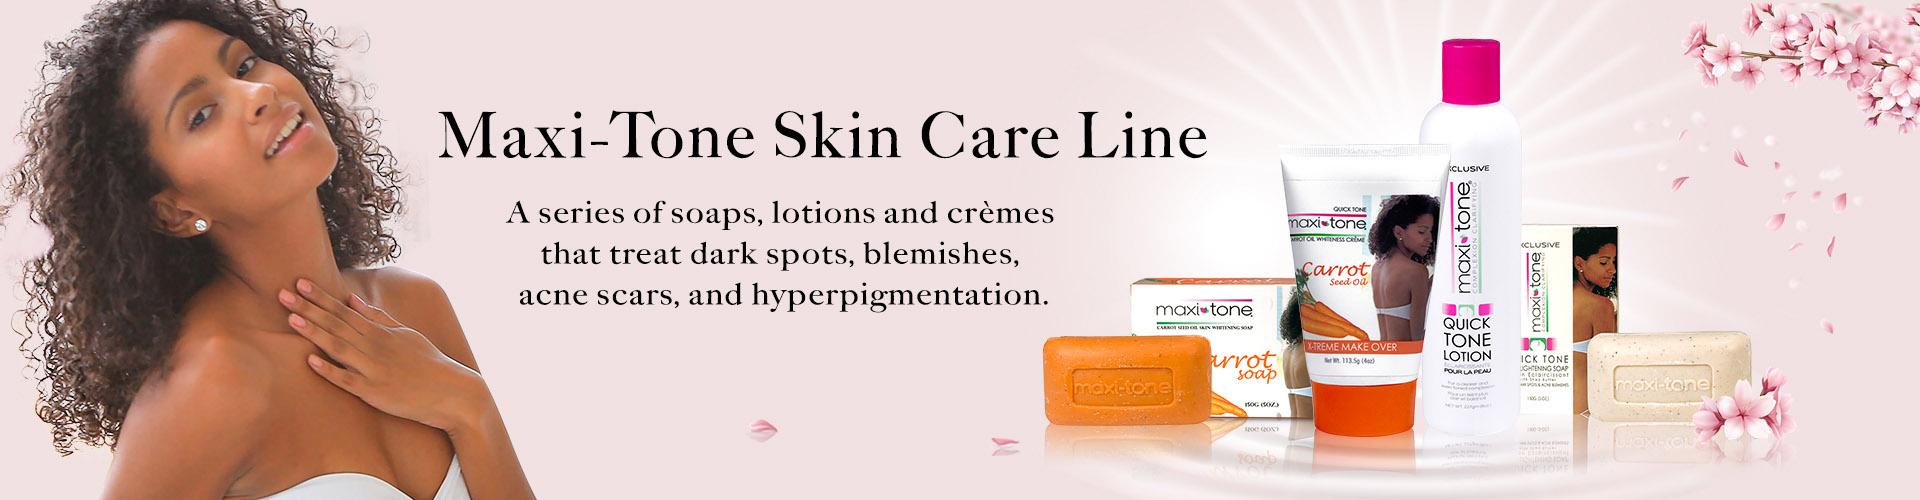 Maxi-Tone Skin Care Line